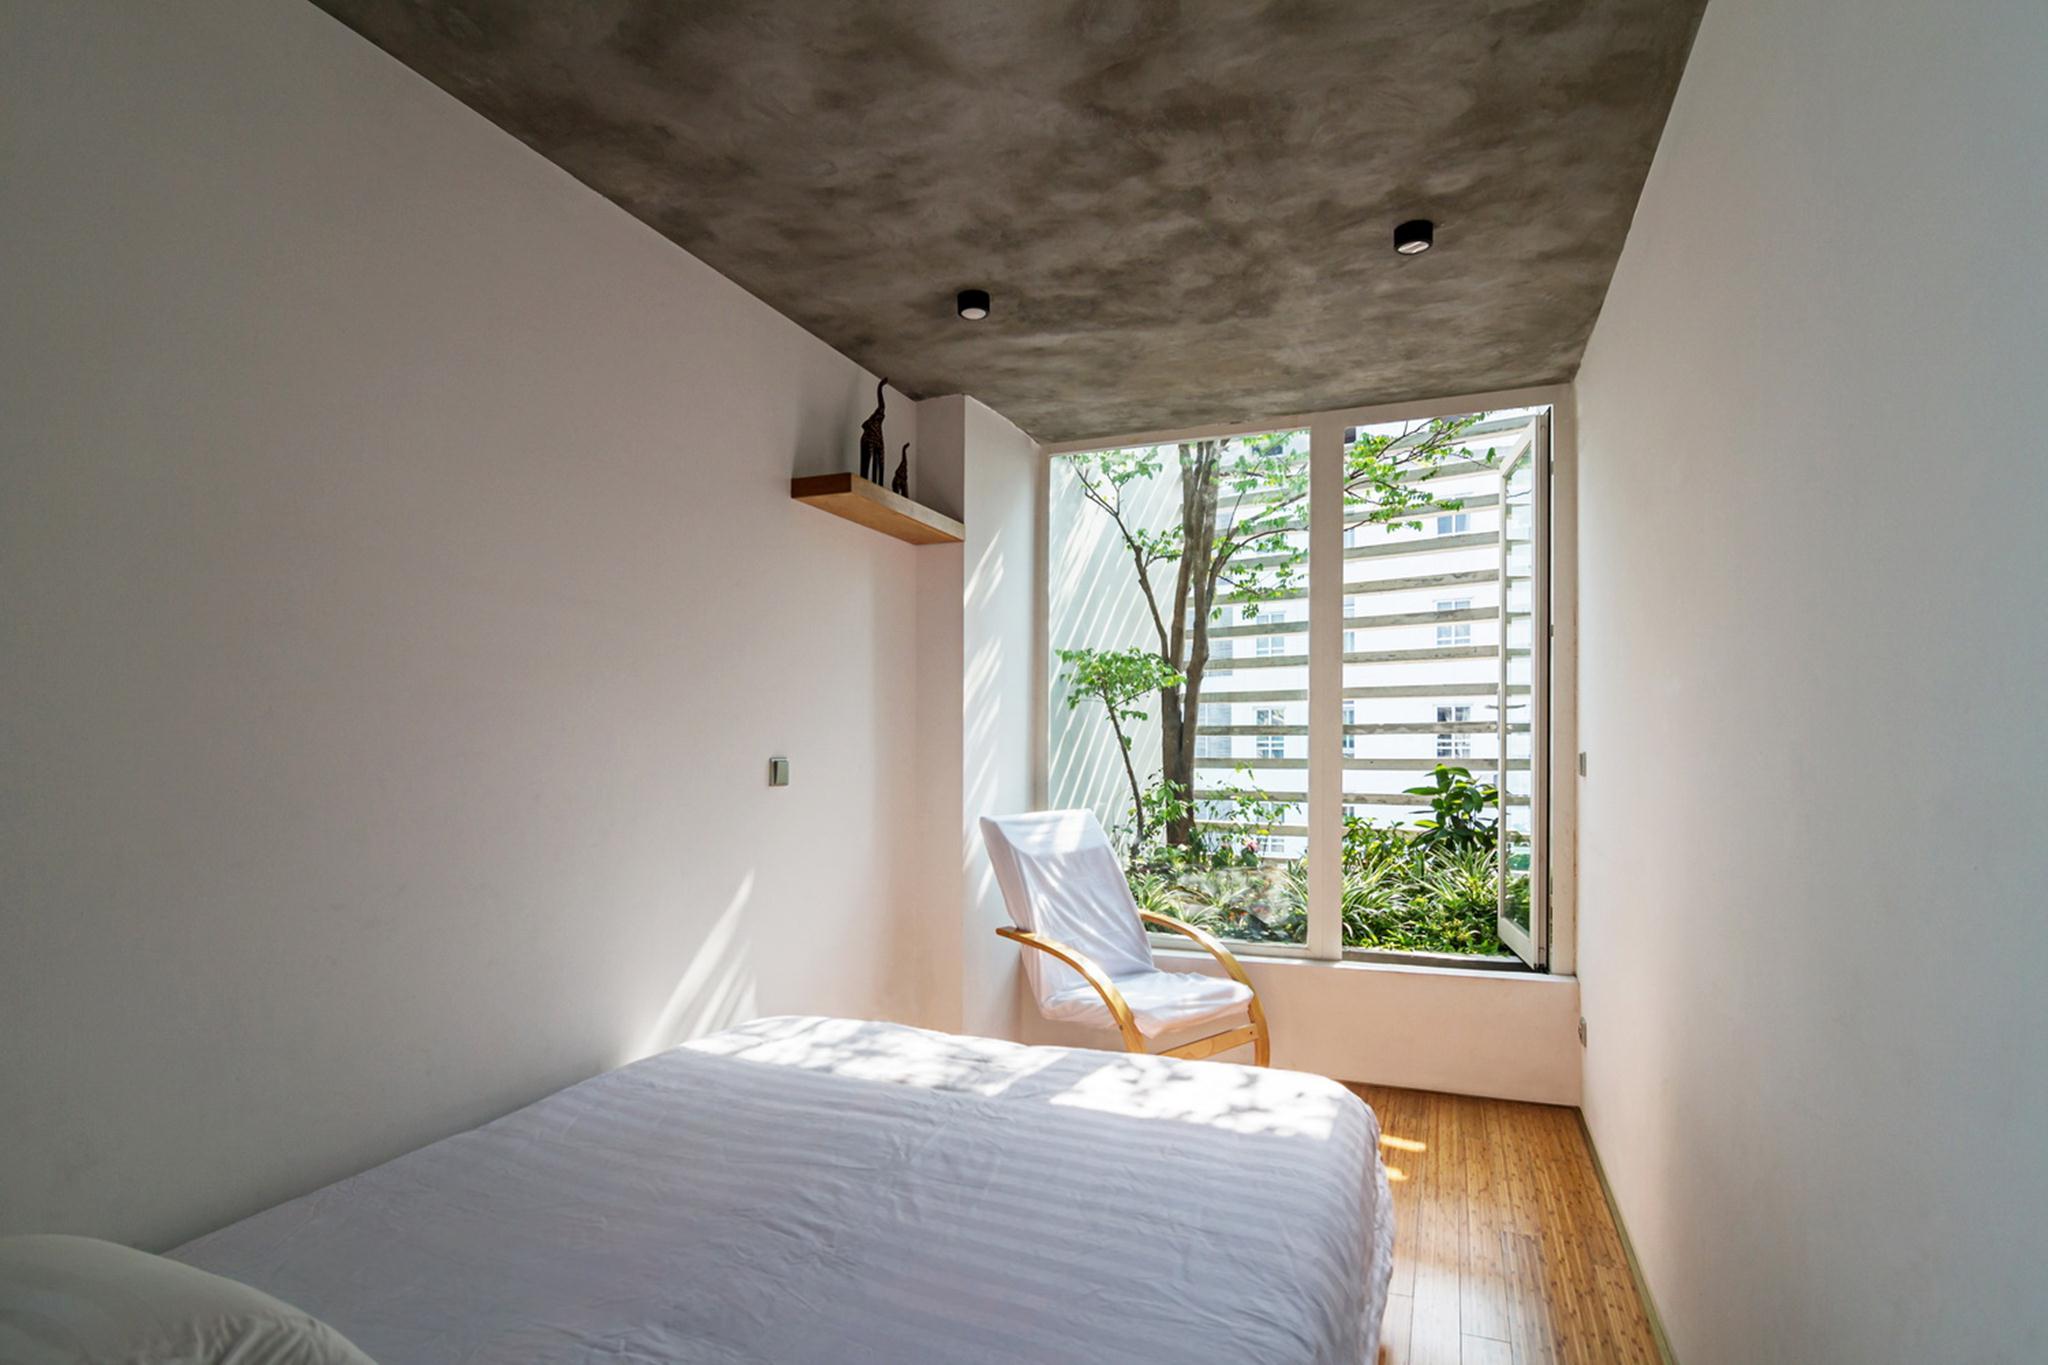 14_Bedroom3_Hoang Le (Copy)